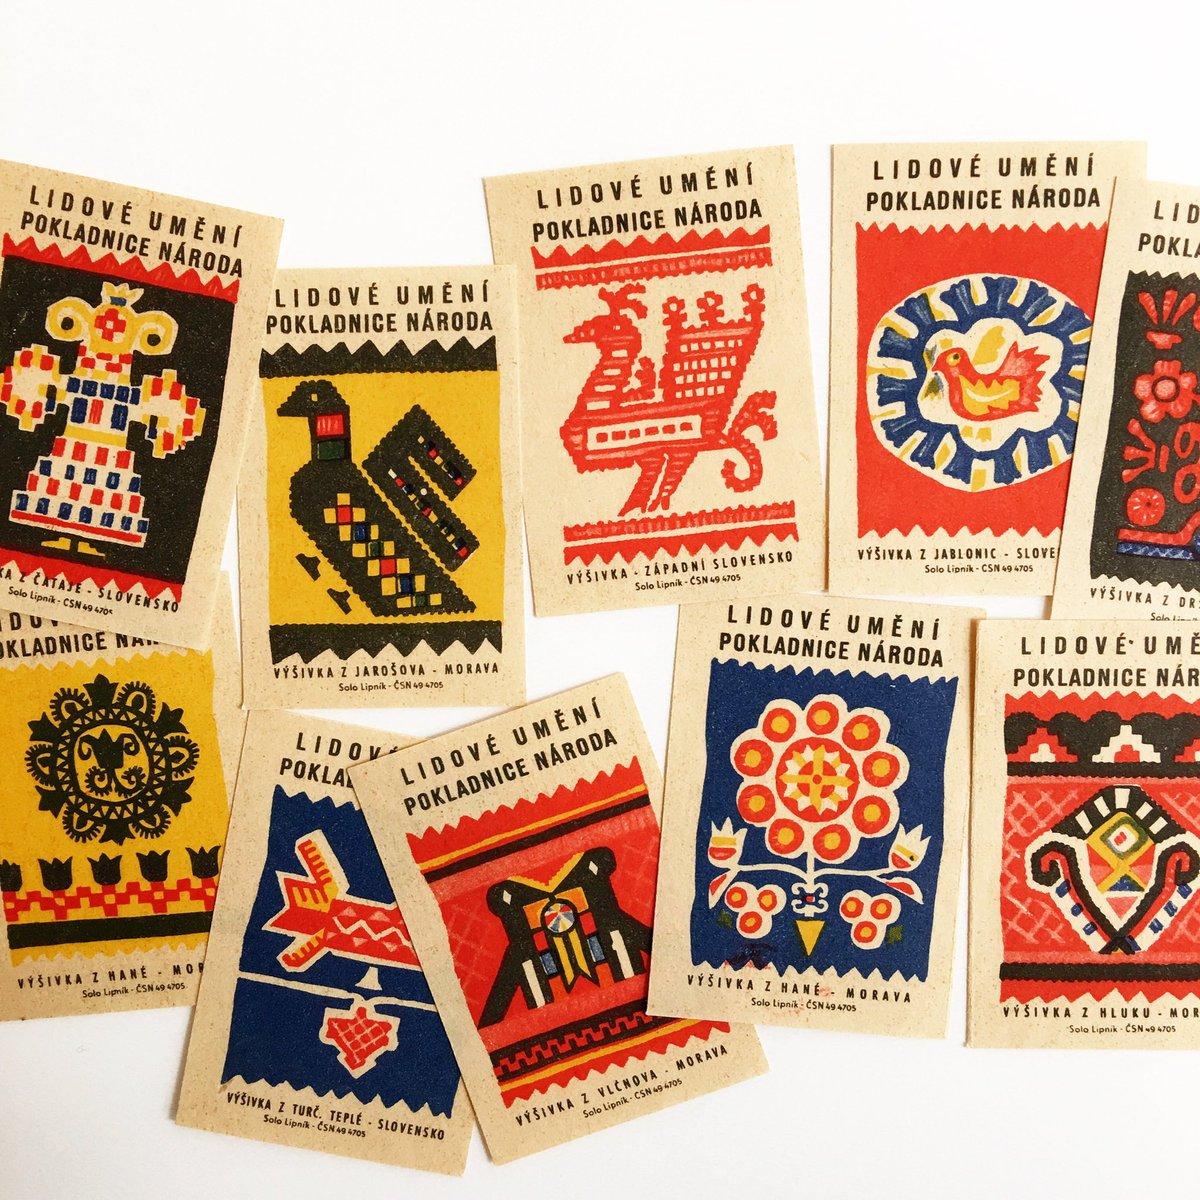 チェコスロバキア時代の古いマッチラベル。 モラビアとスロバキアの各地に伝わる伝統的な刺繍図案をデザインモチーフにしています。 自然豊かな土地から生まれた小鳥や草花の美しい図案です。